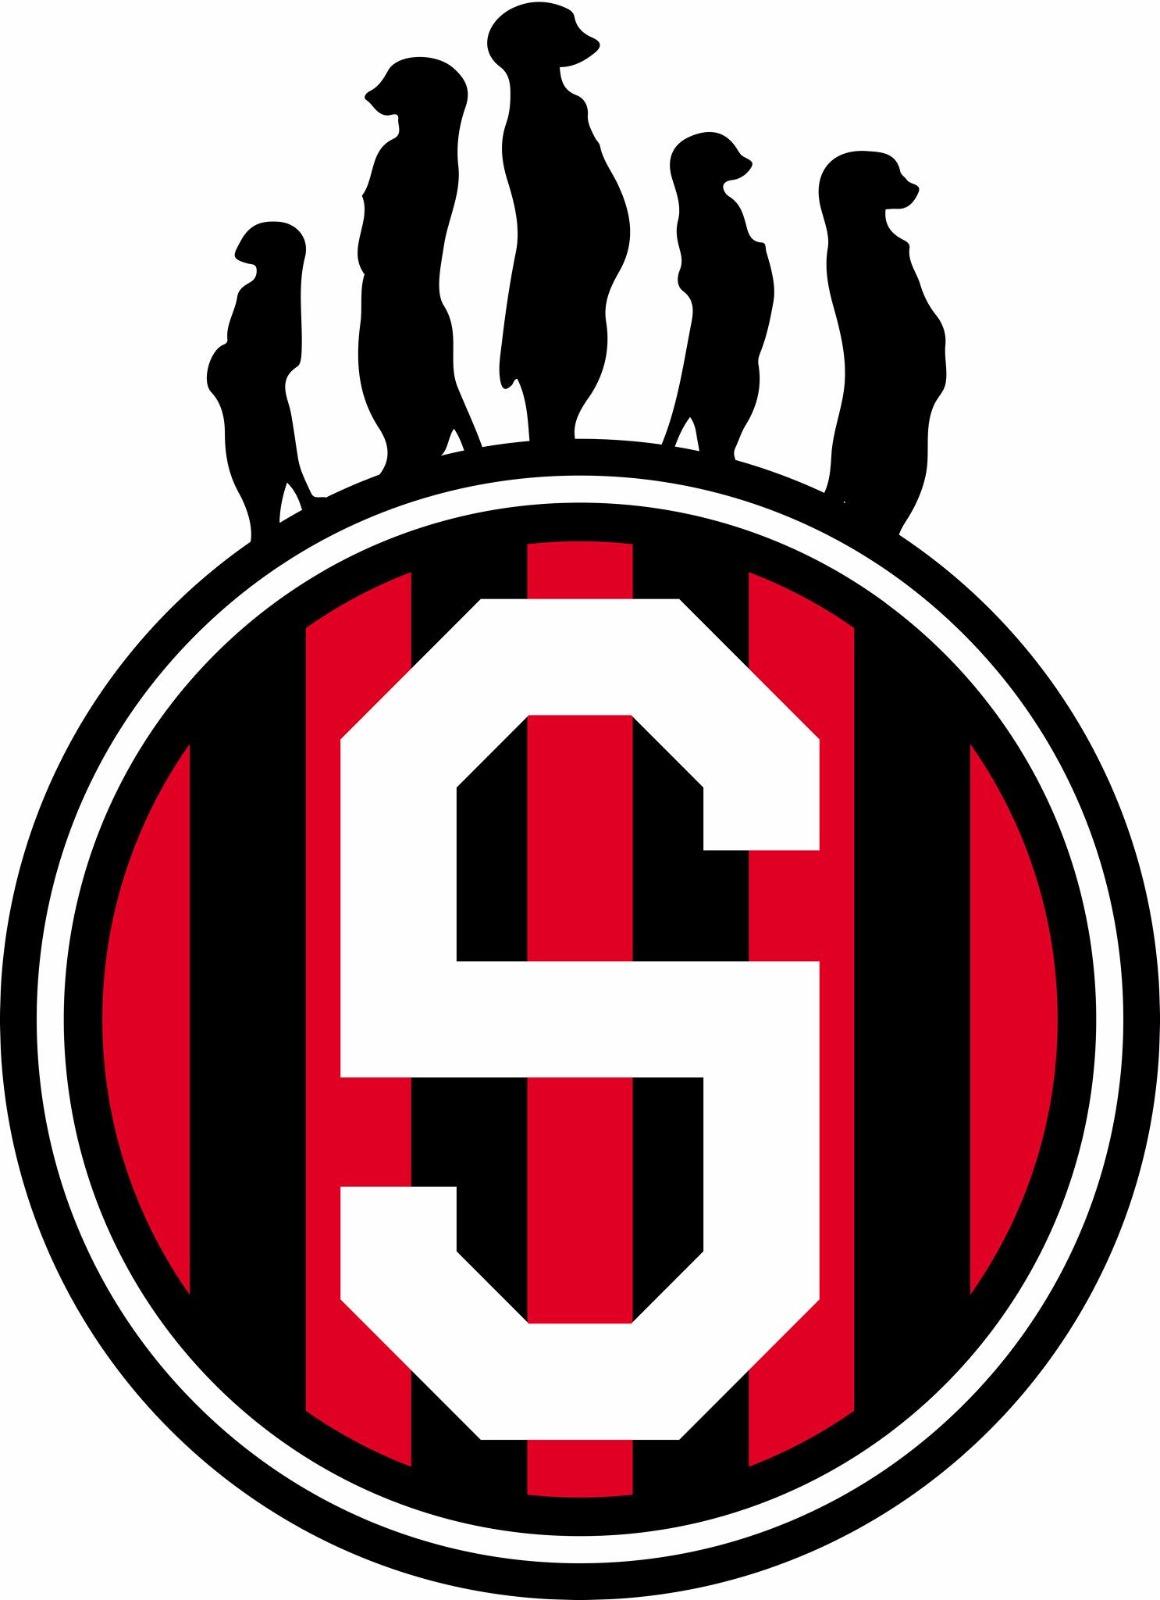 Suricatos Emblema Wikijugger.jpeg